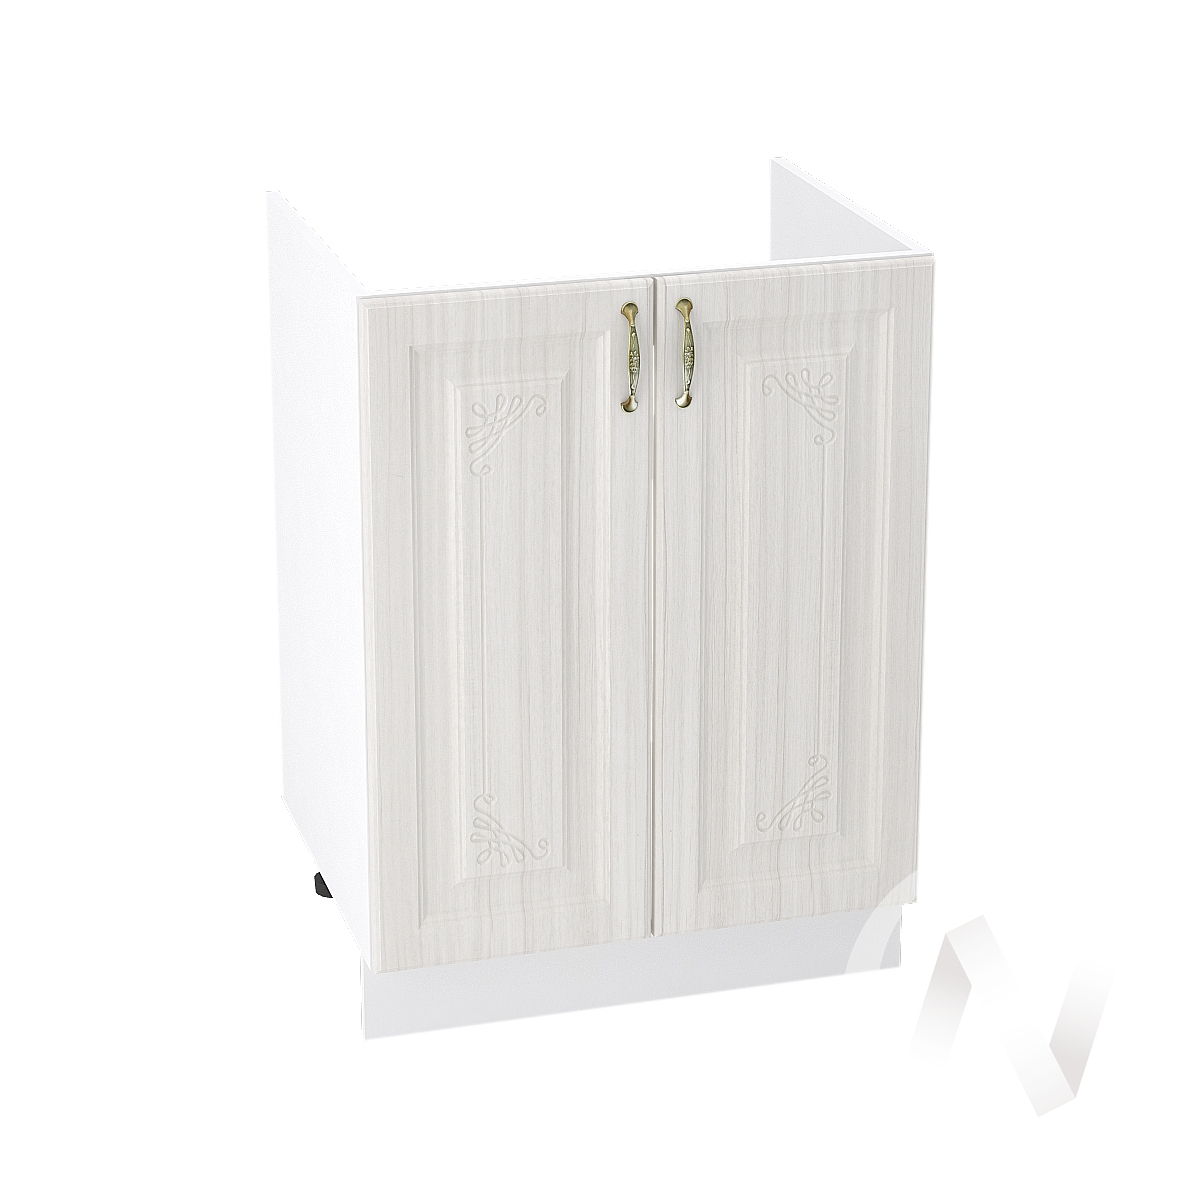 """Кухня """"Виктория"""": Шкаф нижний под мойку 600, ШНМ 600 (корпус белый)"""